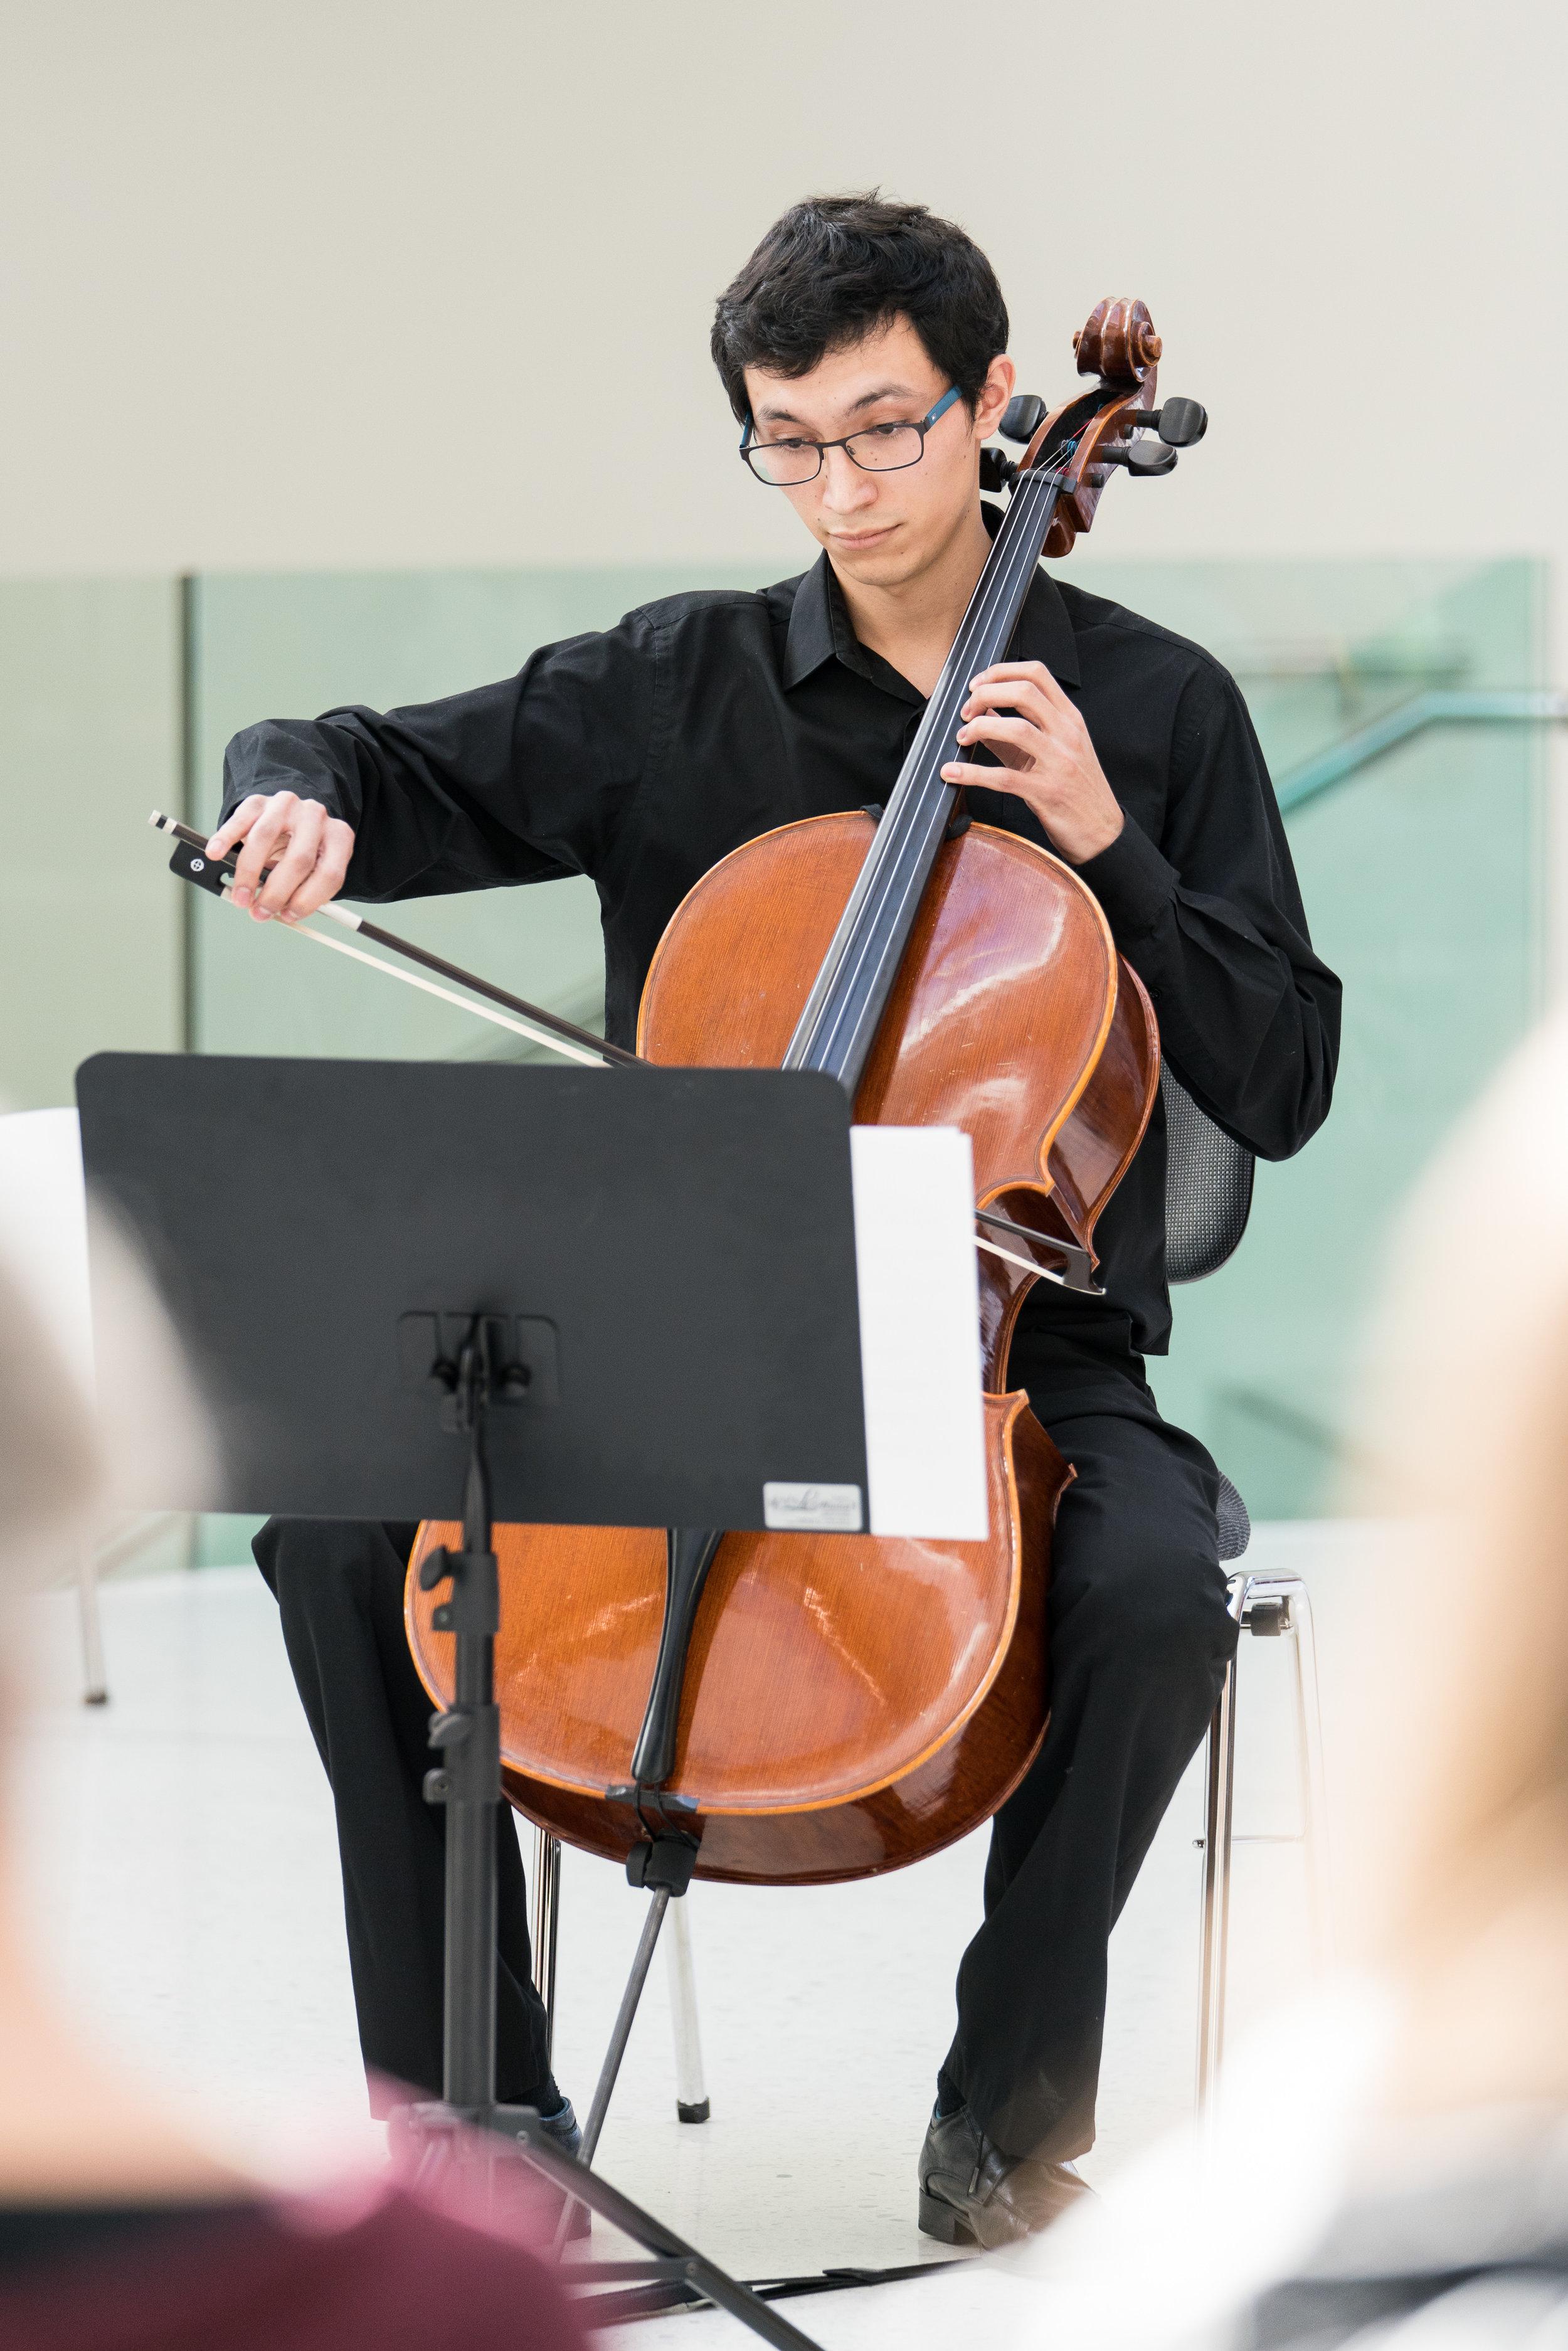 Konzert am Mittag - Cello20180206_015-036.jpg